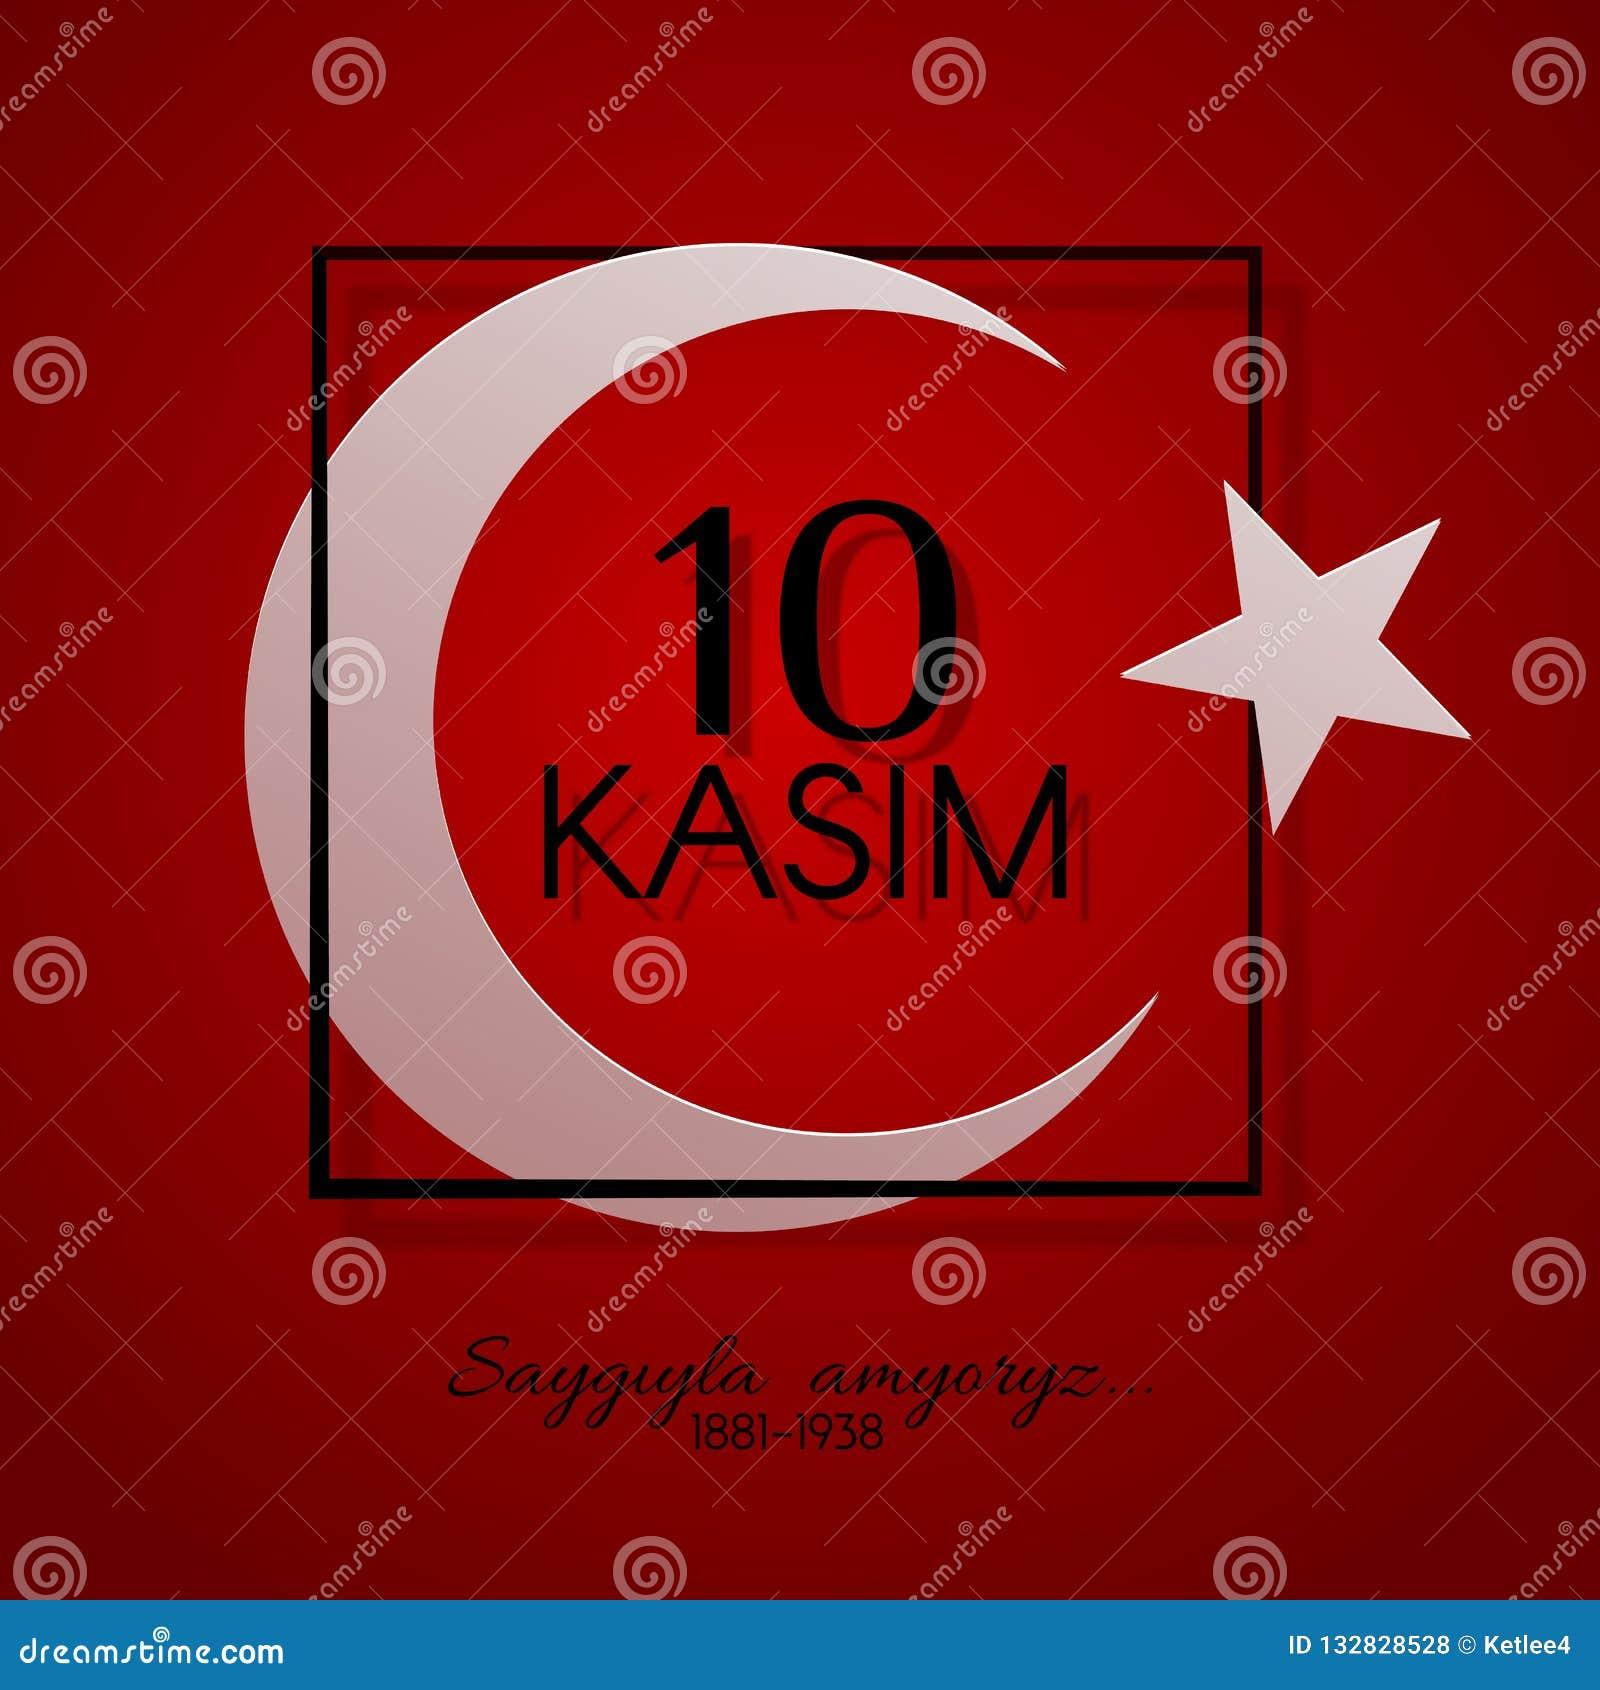 10 kasim dzień pamięć Ataturk w Indyczym prezydencie i założycielu Tureccy republika symbole Turcja Półksiężyc i gwiazdowi